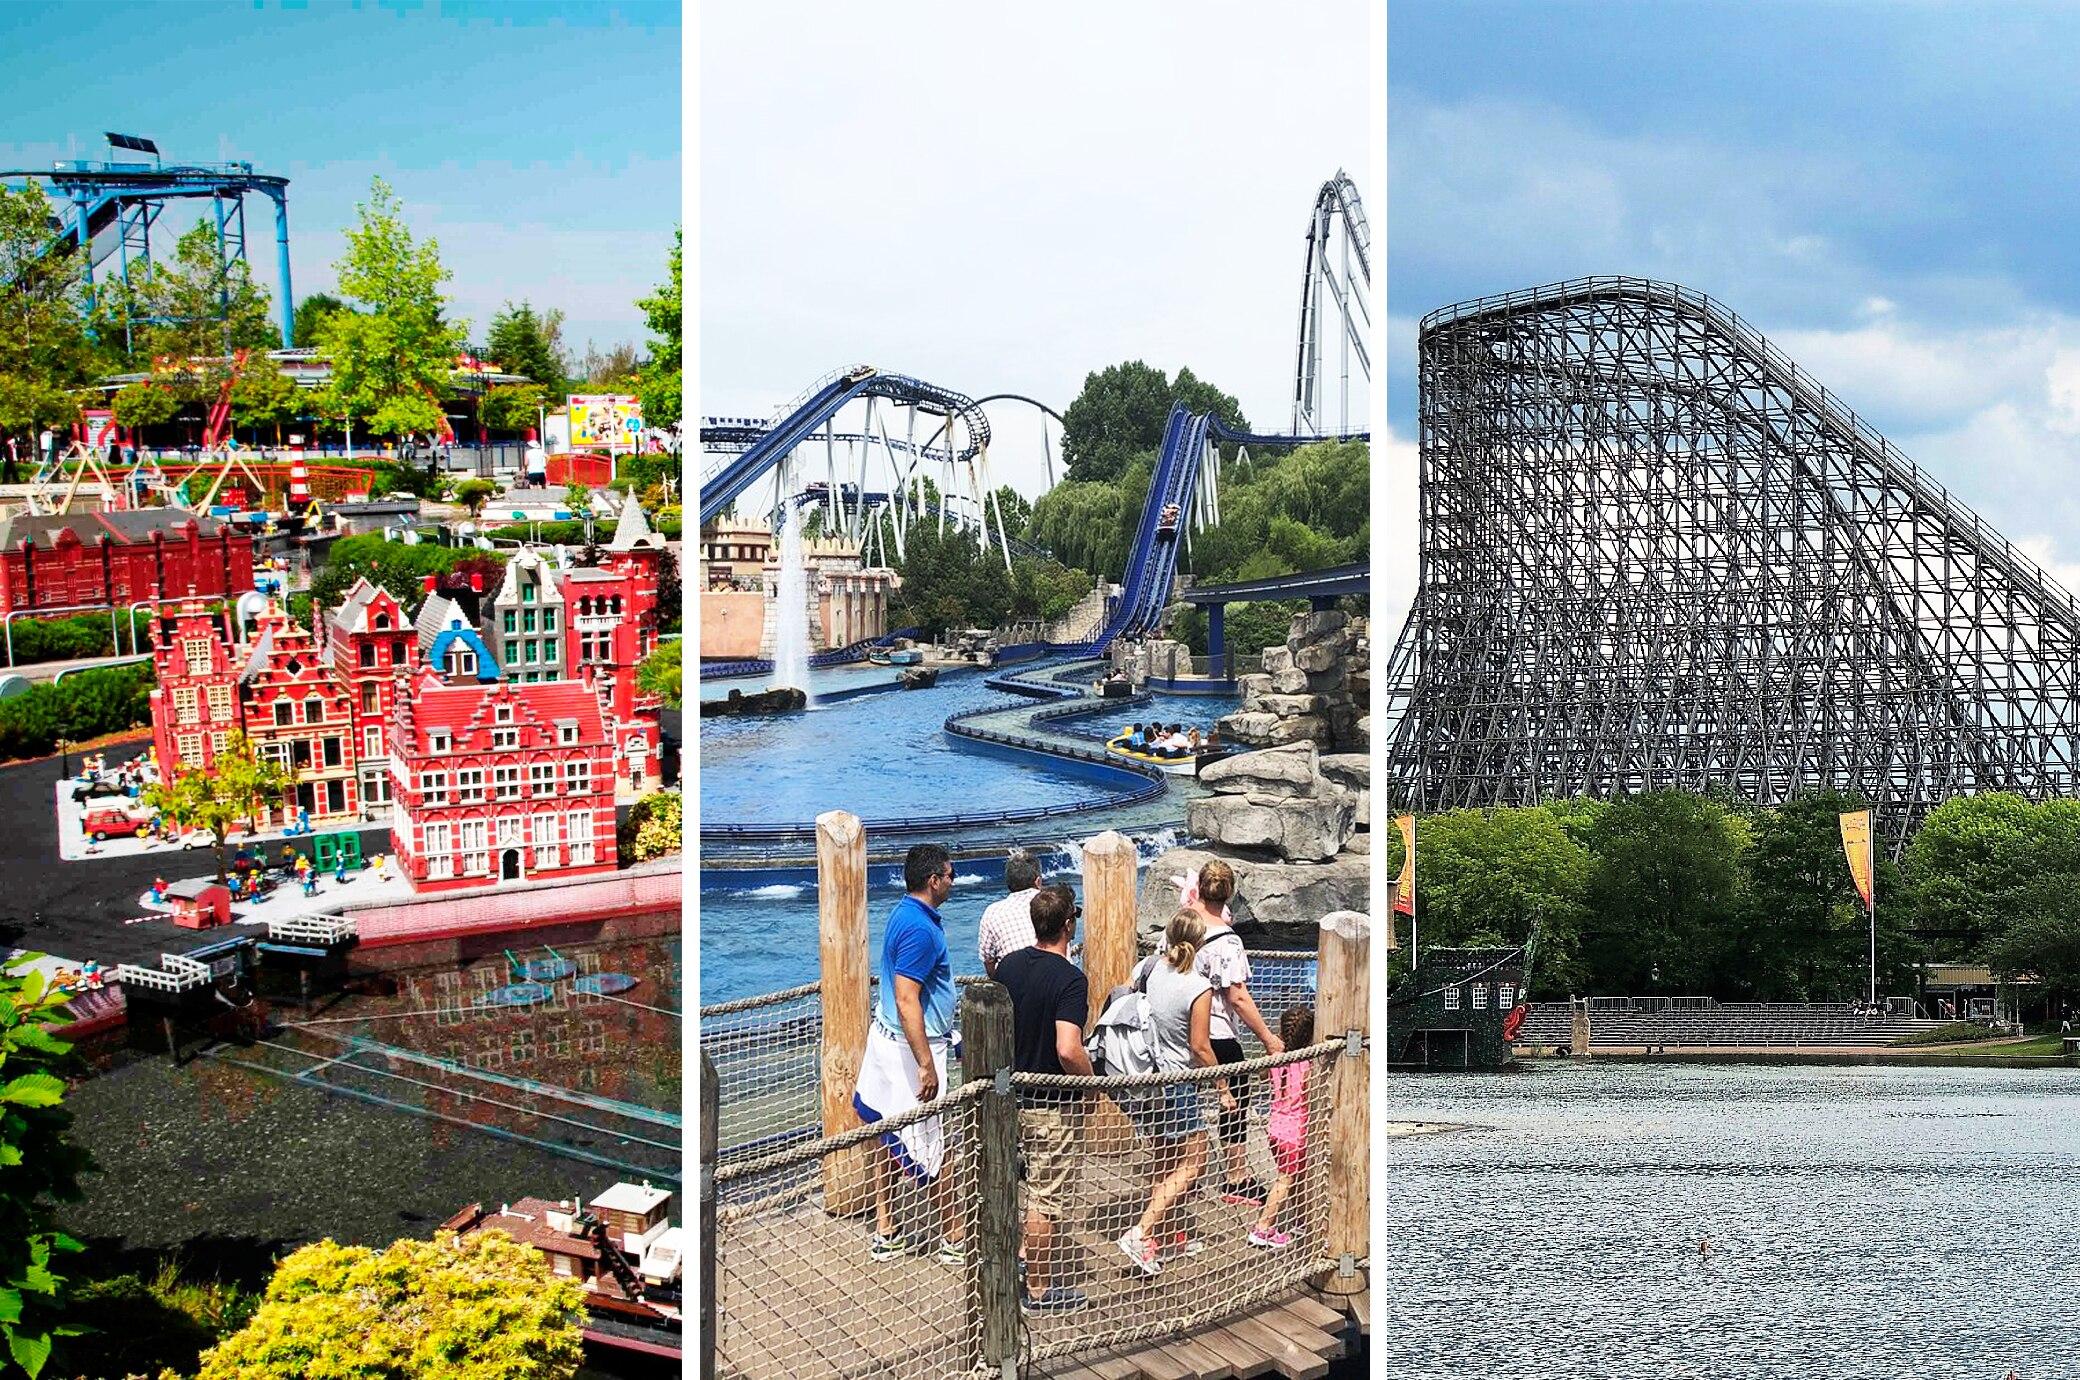 Europapark Deutschland Karte.Die 10 Besten Freizeitparks In Deutschland Travelbook